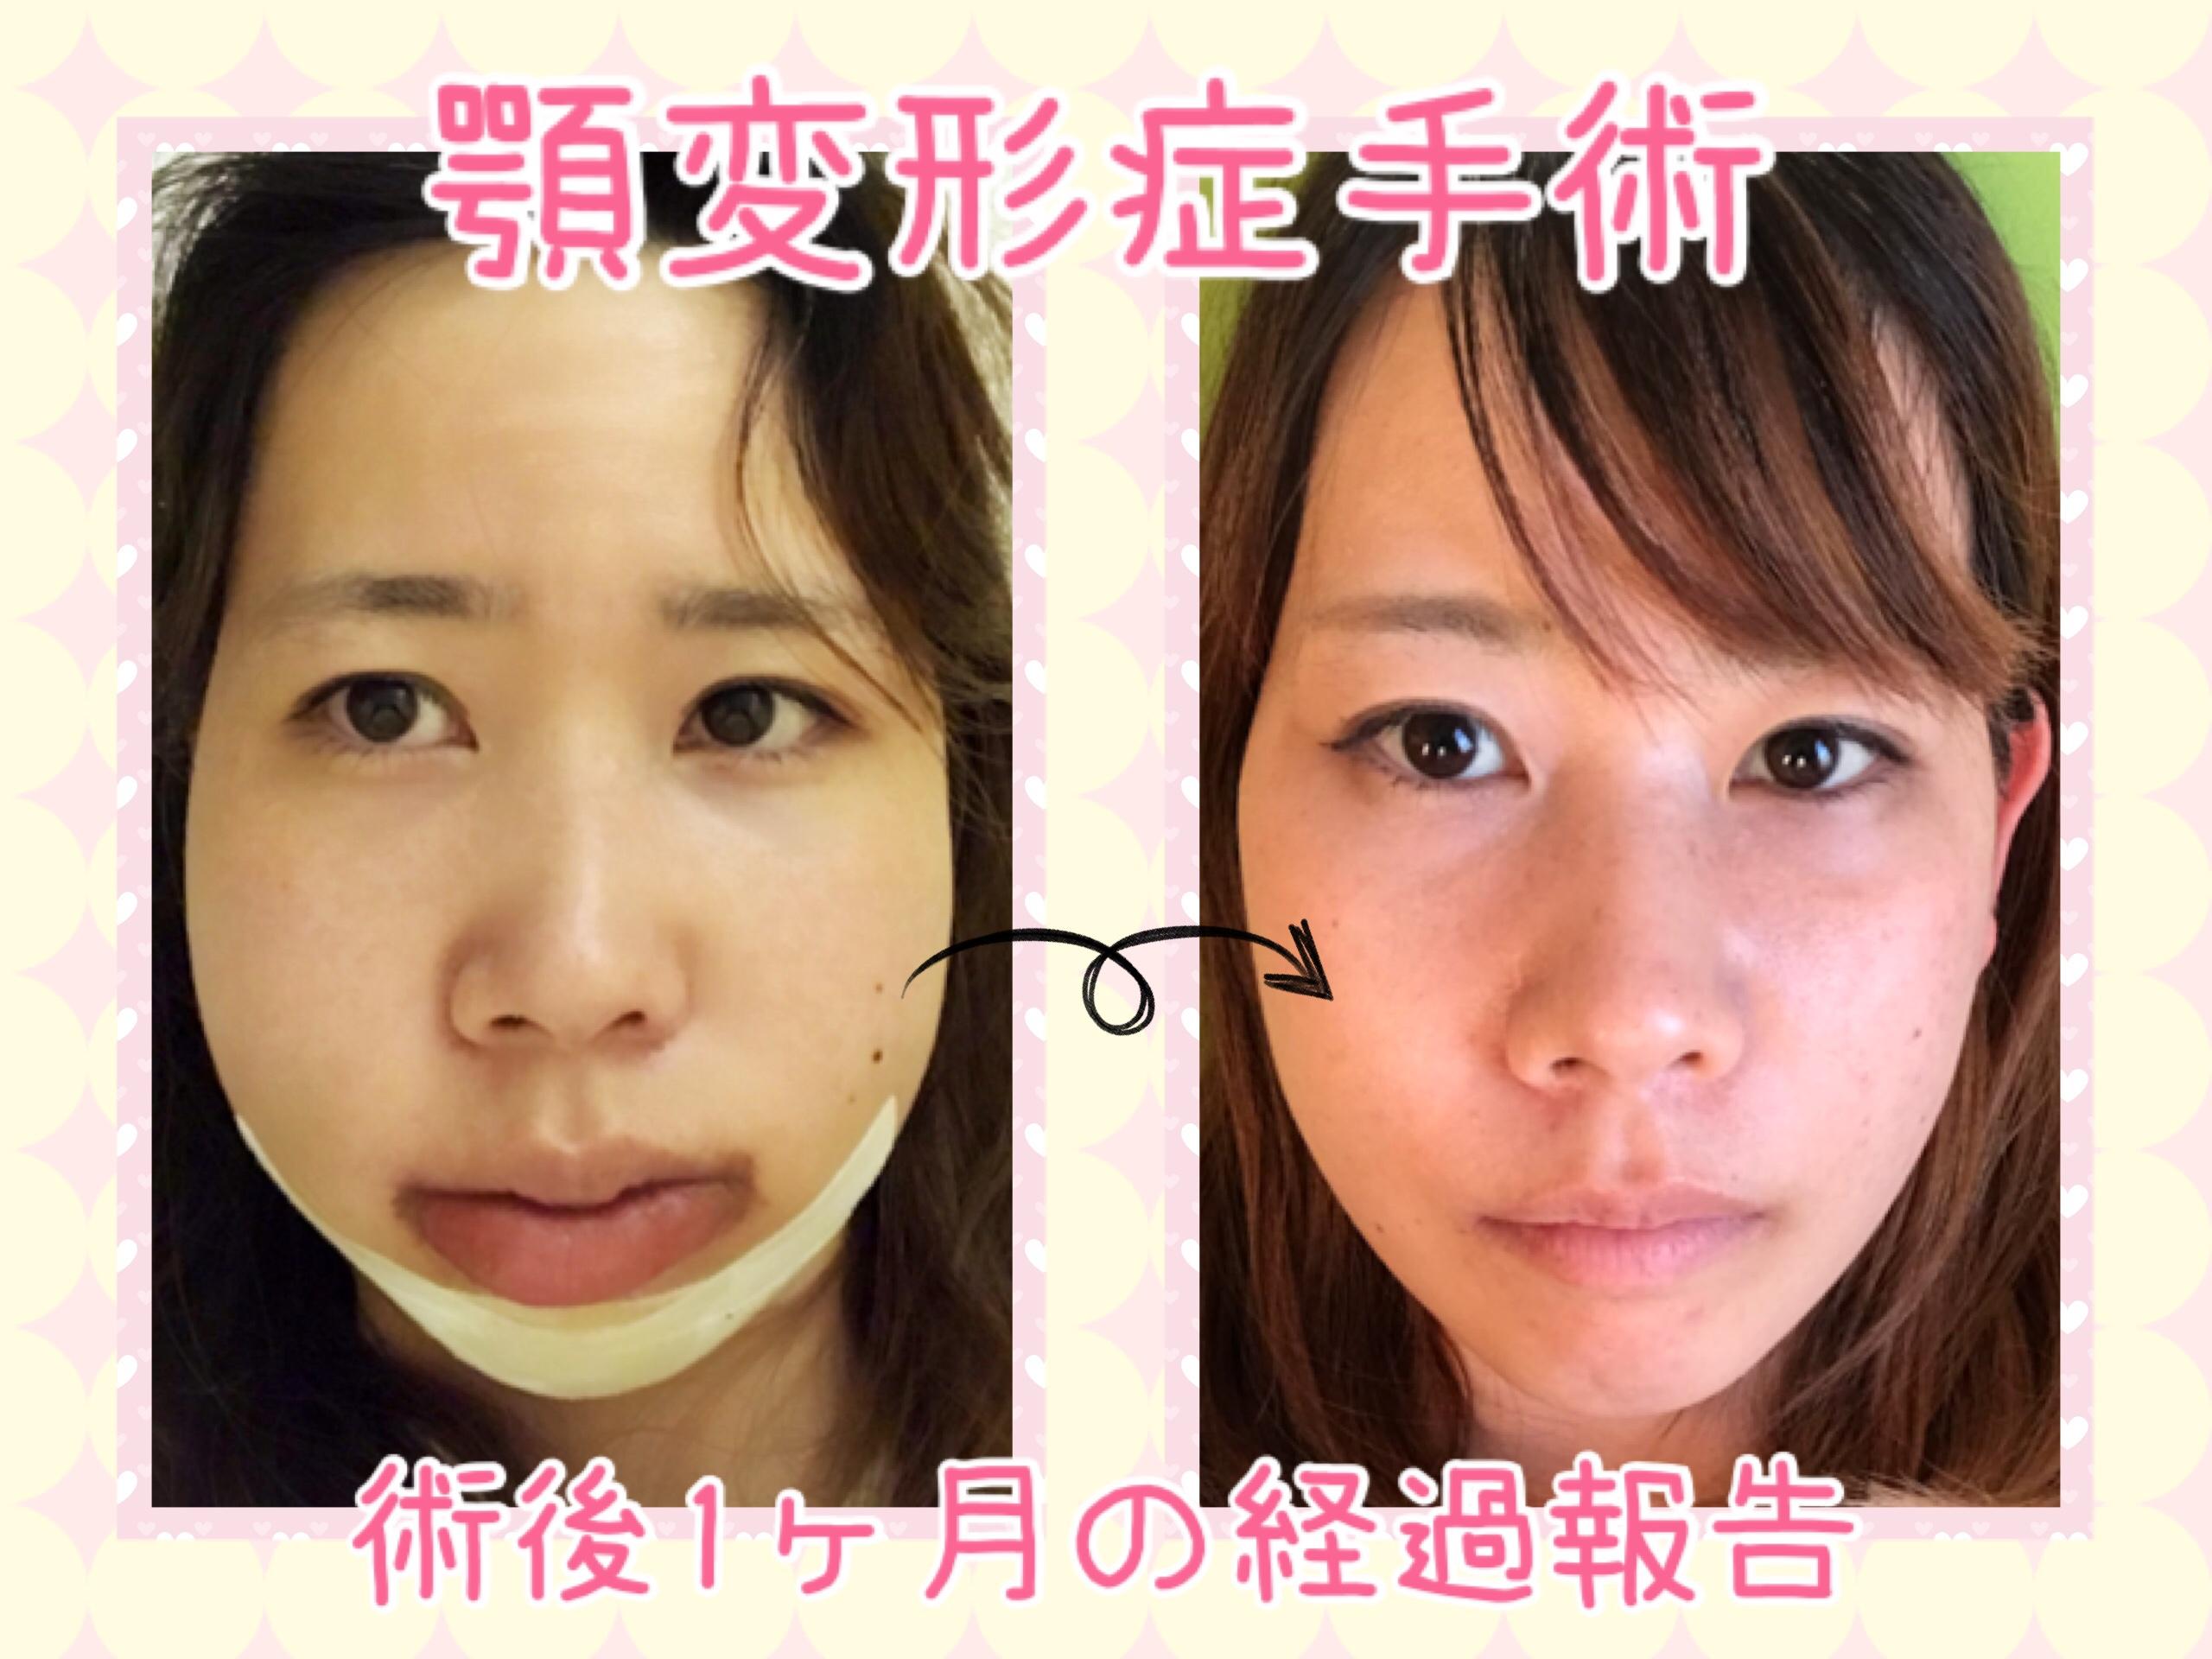 顎変形症手術 1ヶ月